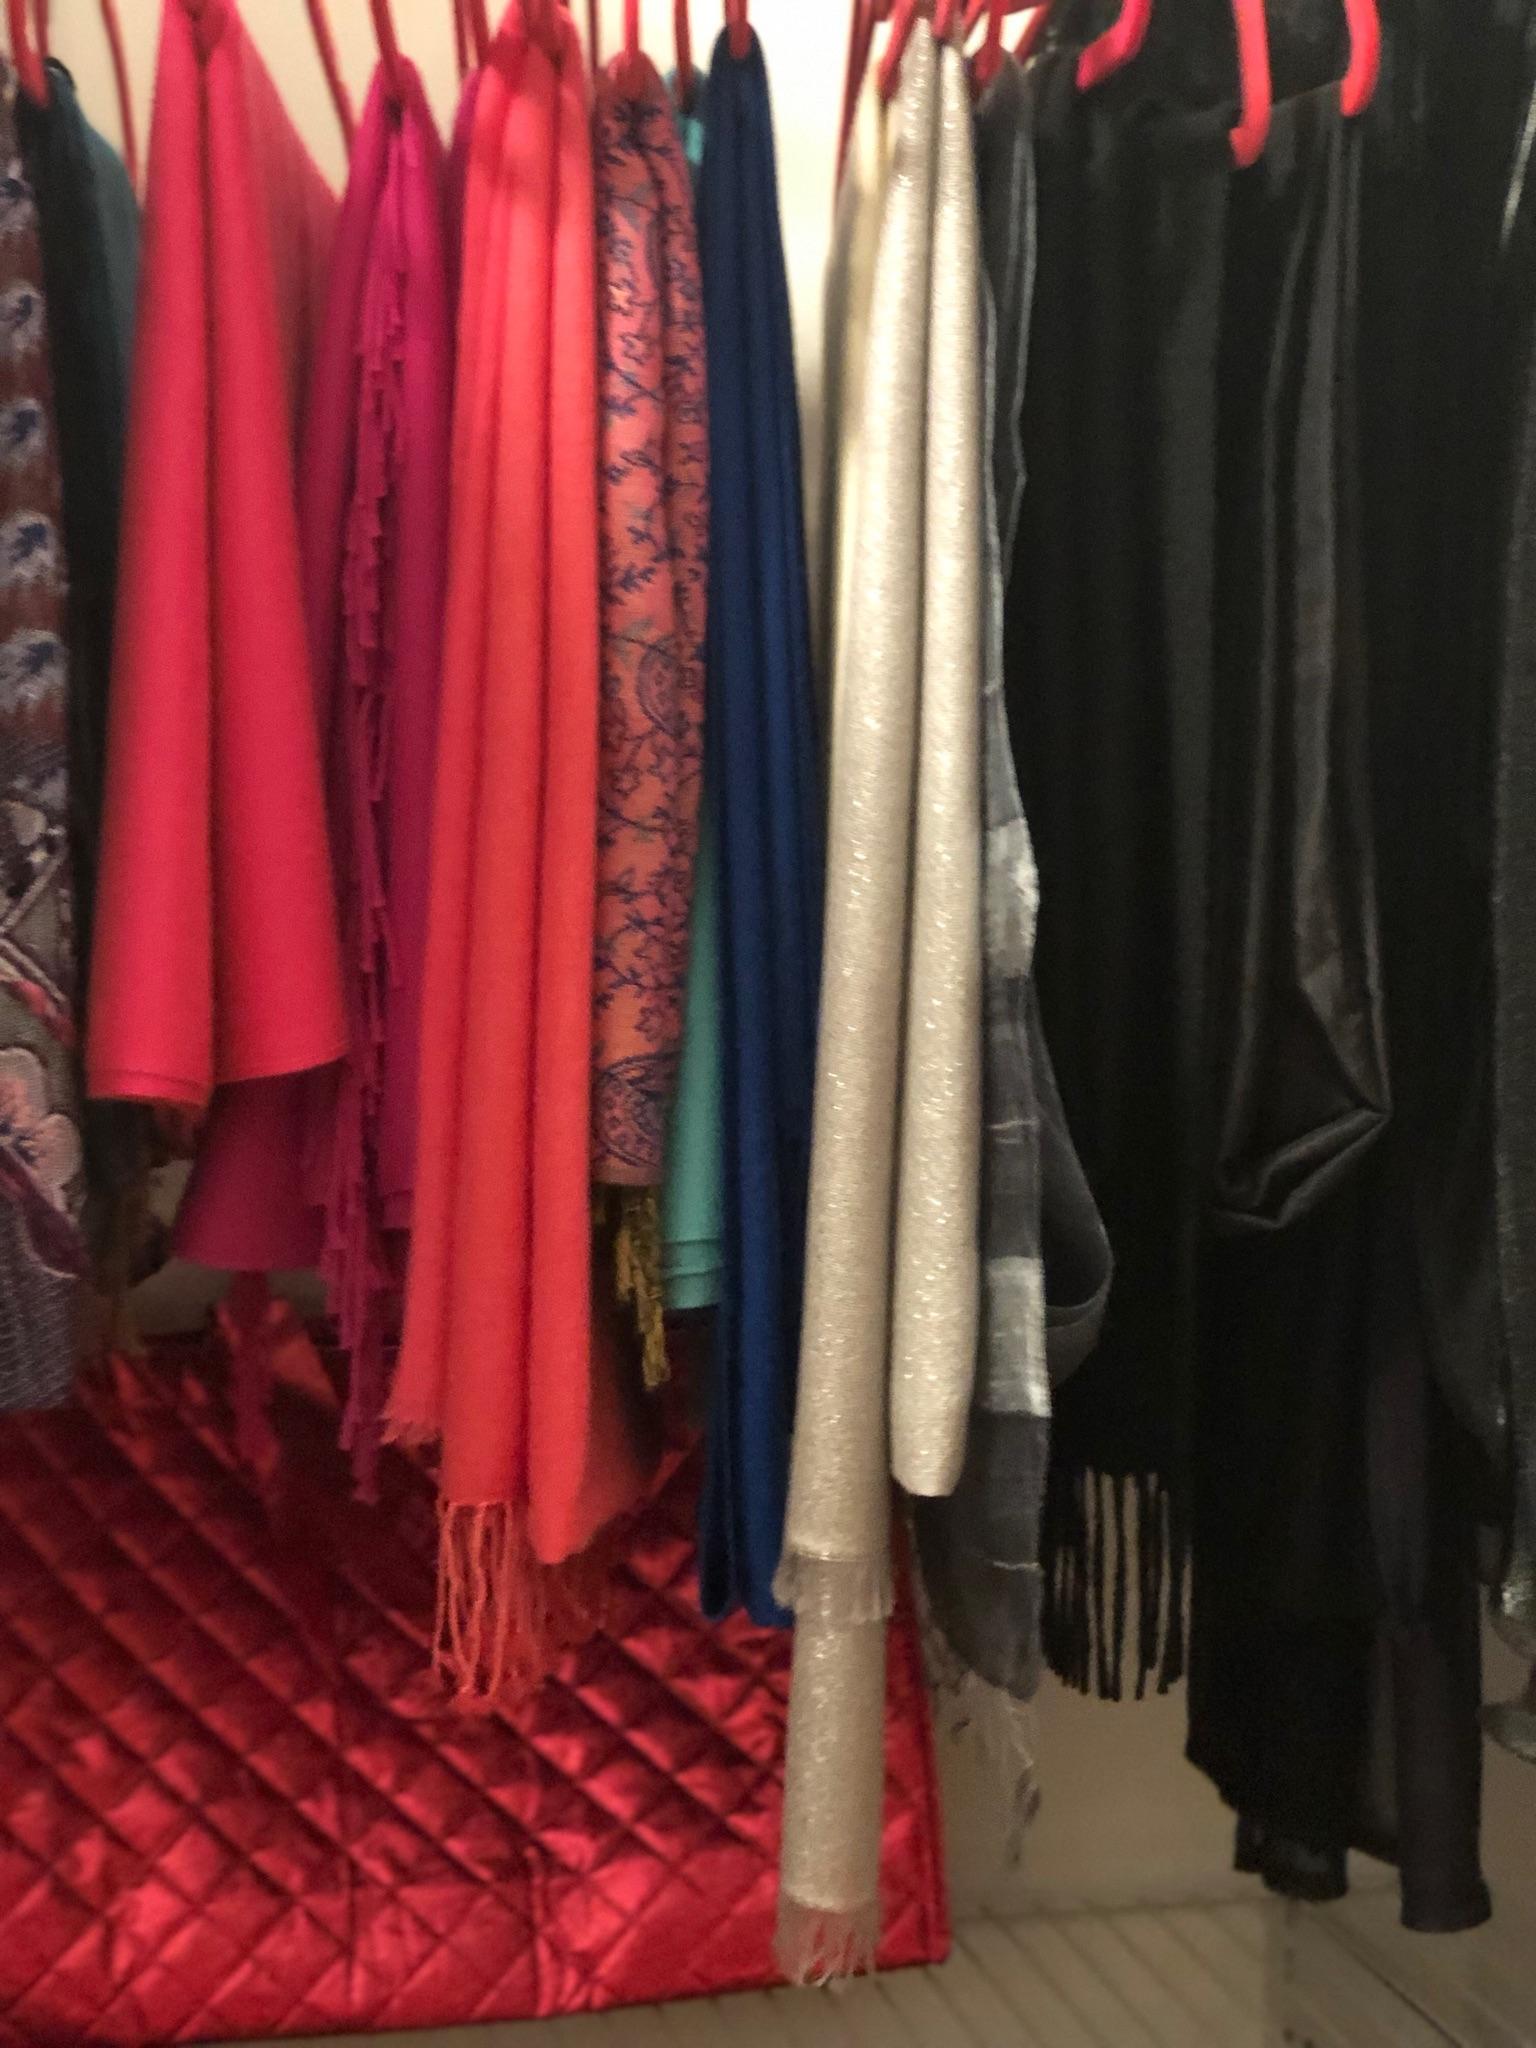 messy closet velvet hangers